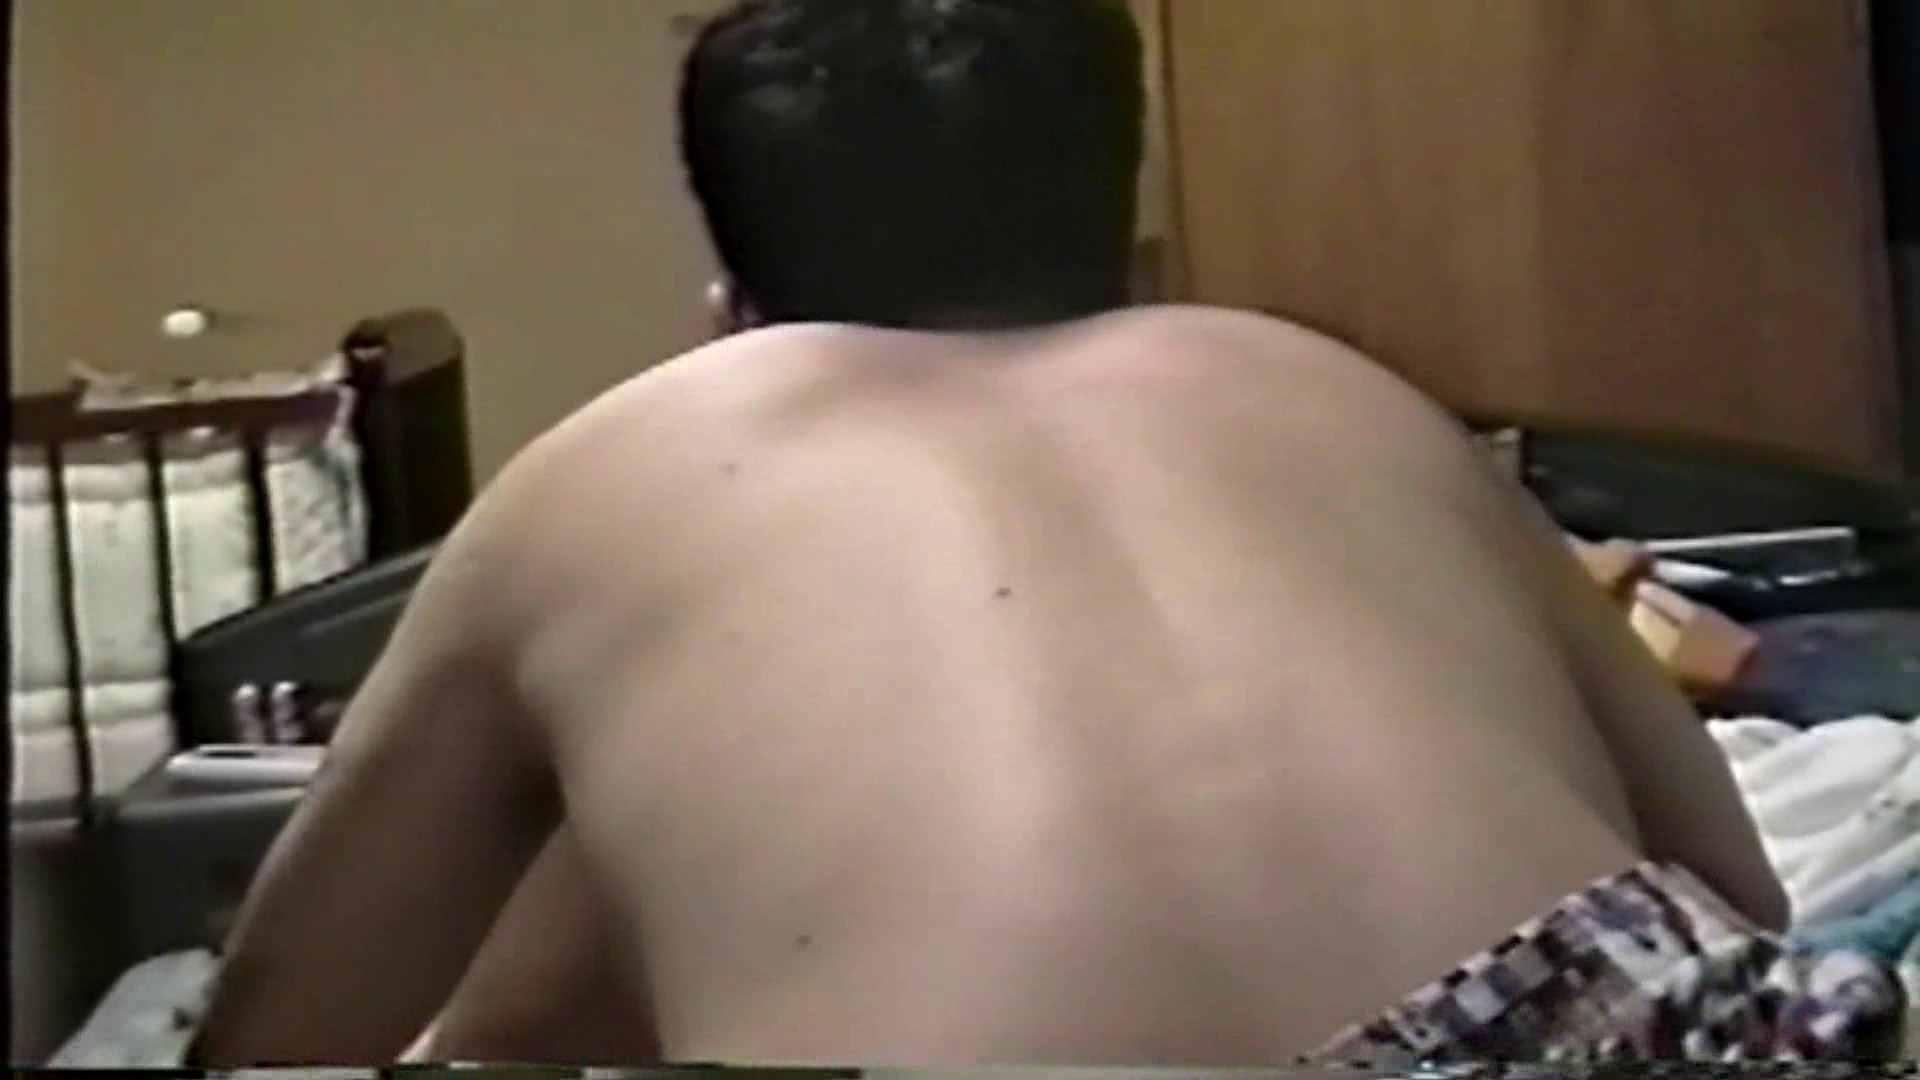 この隠し撮り野郎 No.01 初めての隠し撮り,色々やってみました。 淫乱  96PIX 31